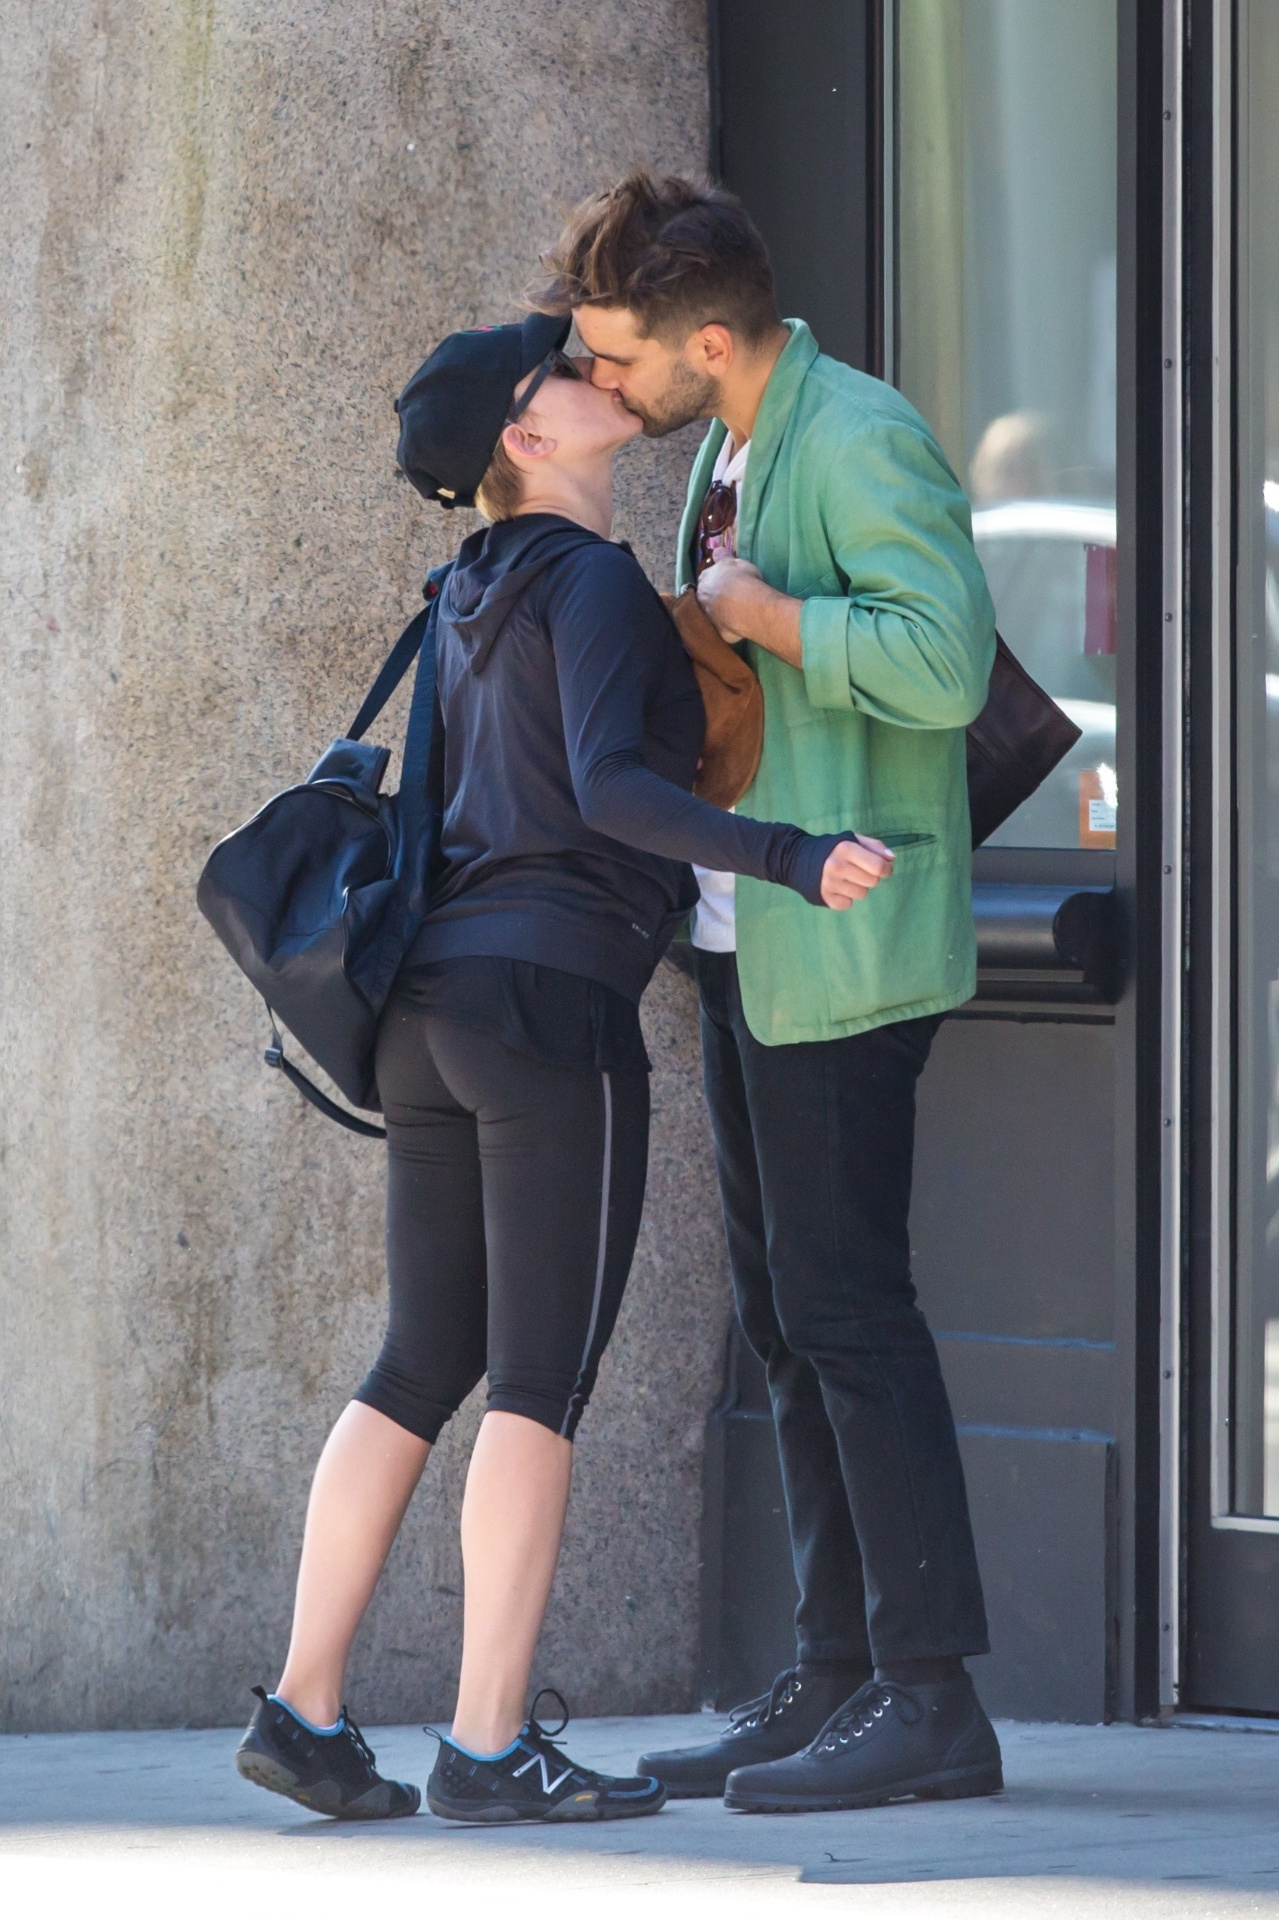 9.out.2014 - Scarlett Johansson aparece em público pela primeira vez após dar à luz sua primeira filha, Rose. Ela estava em um momento romântico com o noivo, o jornalista francês Romain Dauriac